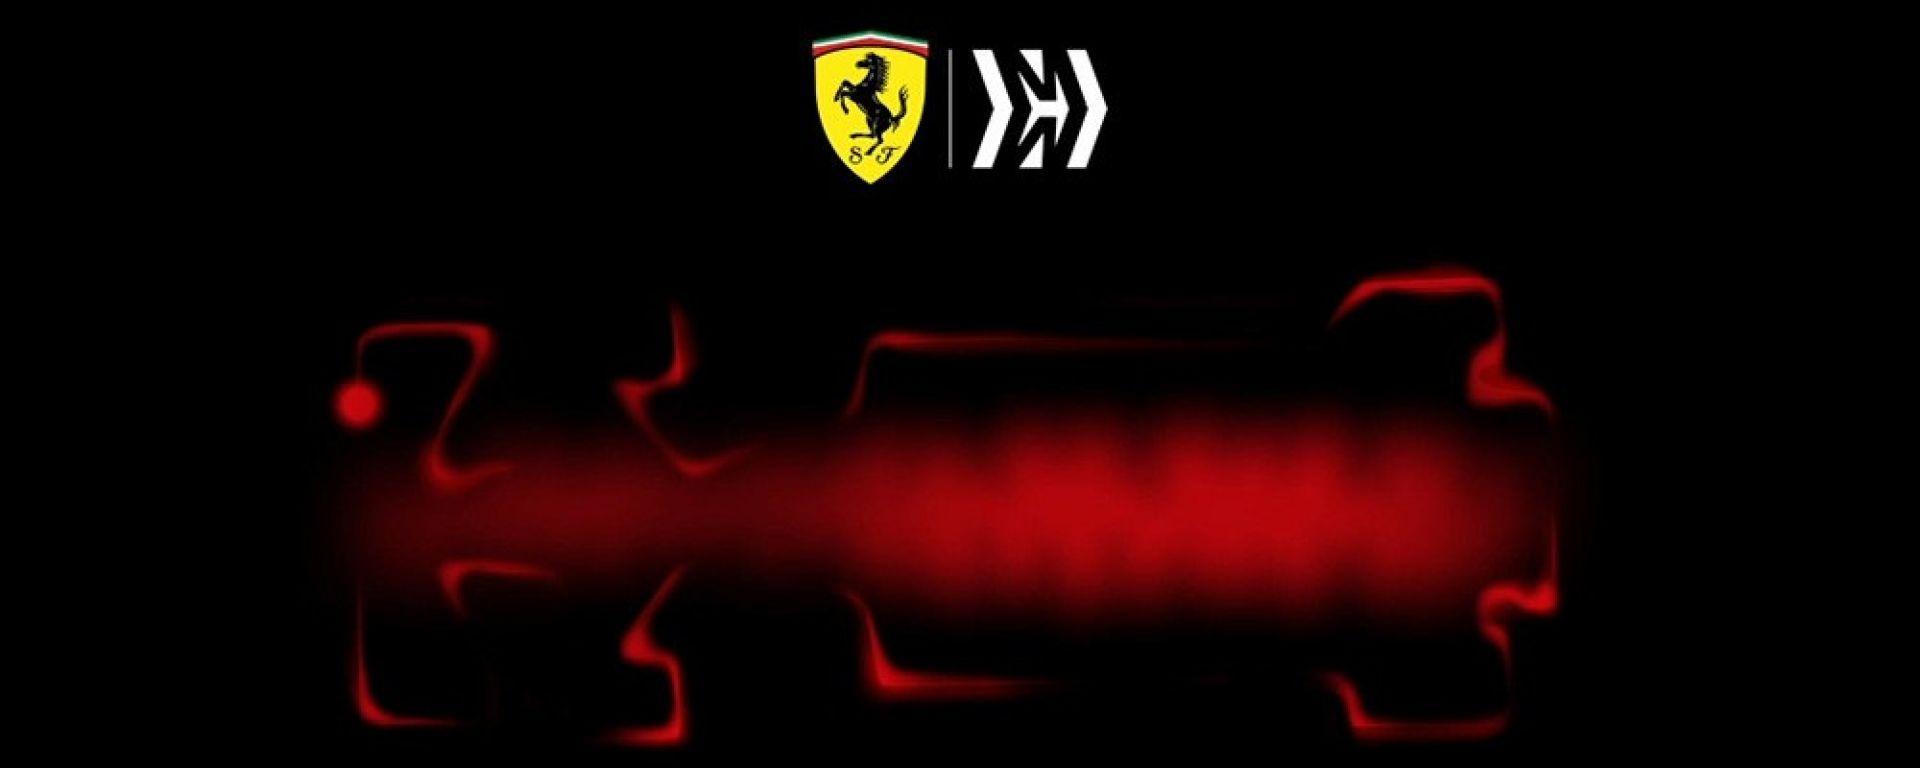 Formula 1, il sound della Power Unit Ferrari 2019